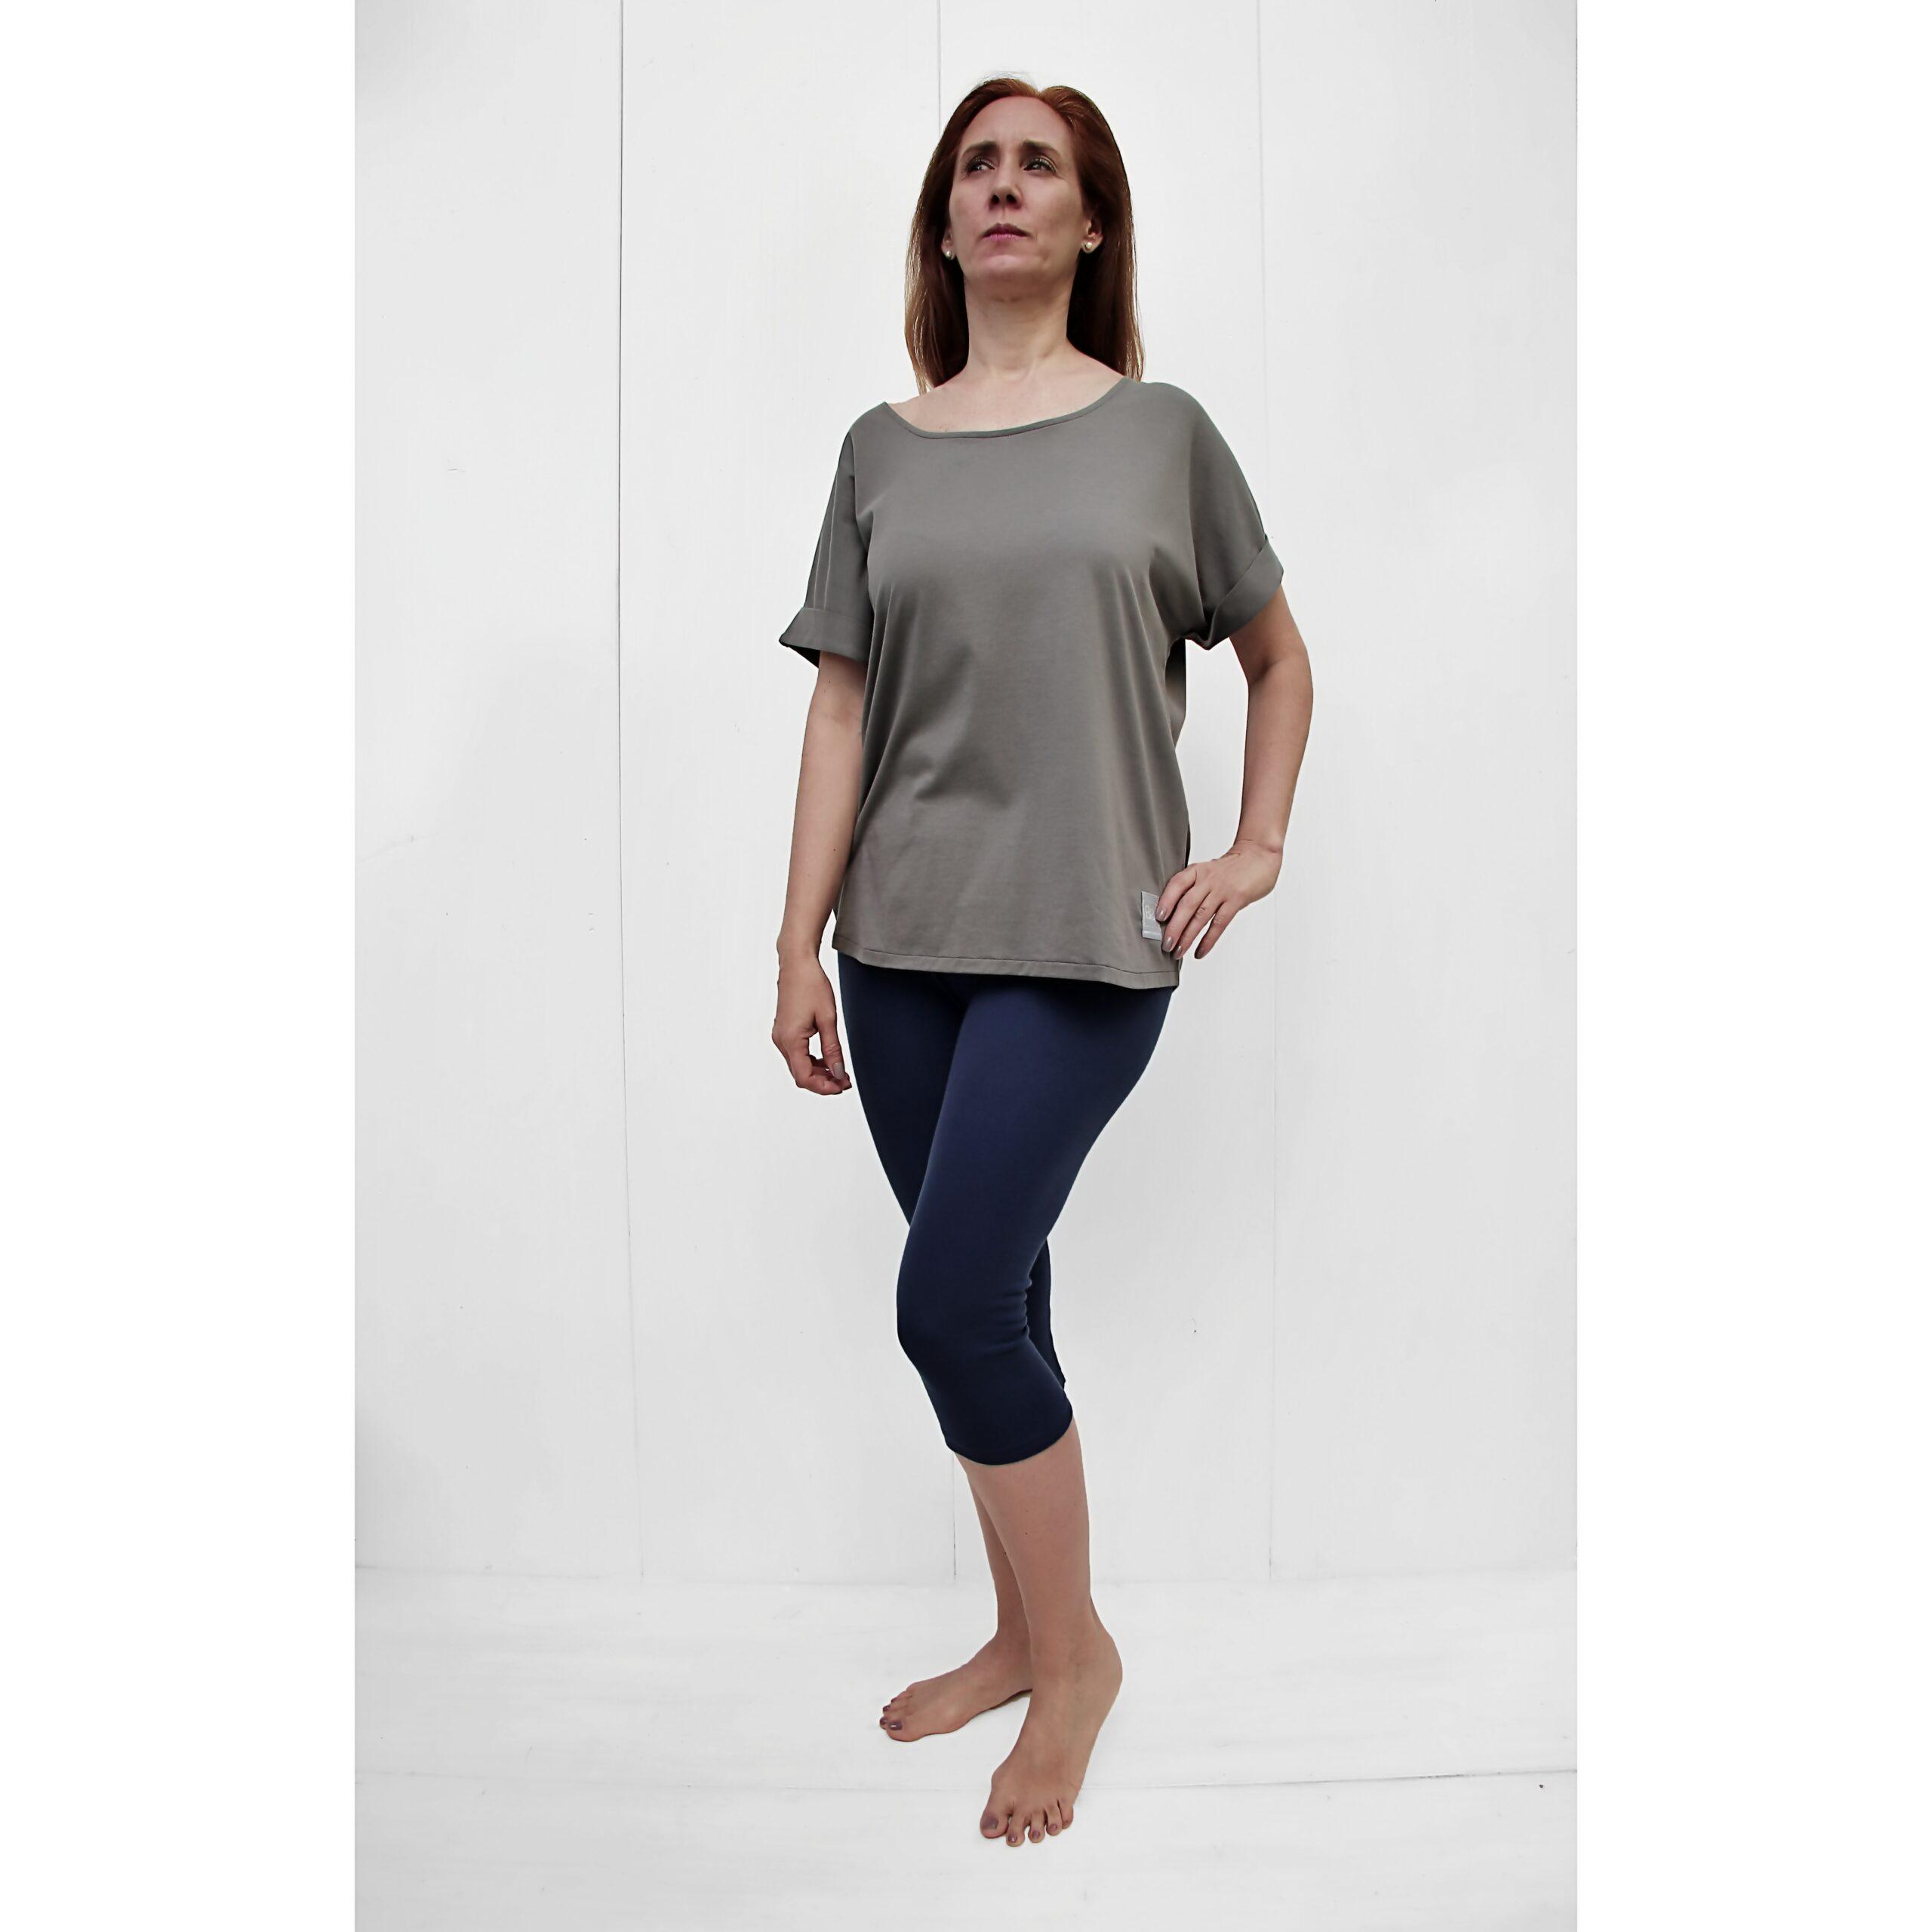 onesize short sleeve tshirt organic pima cotton grey TAUPE